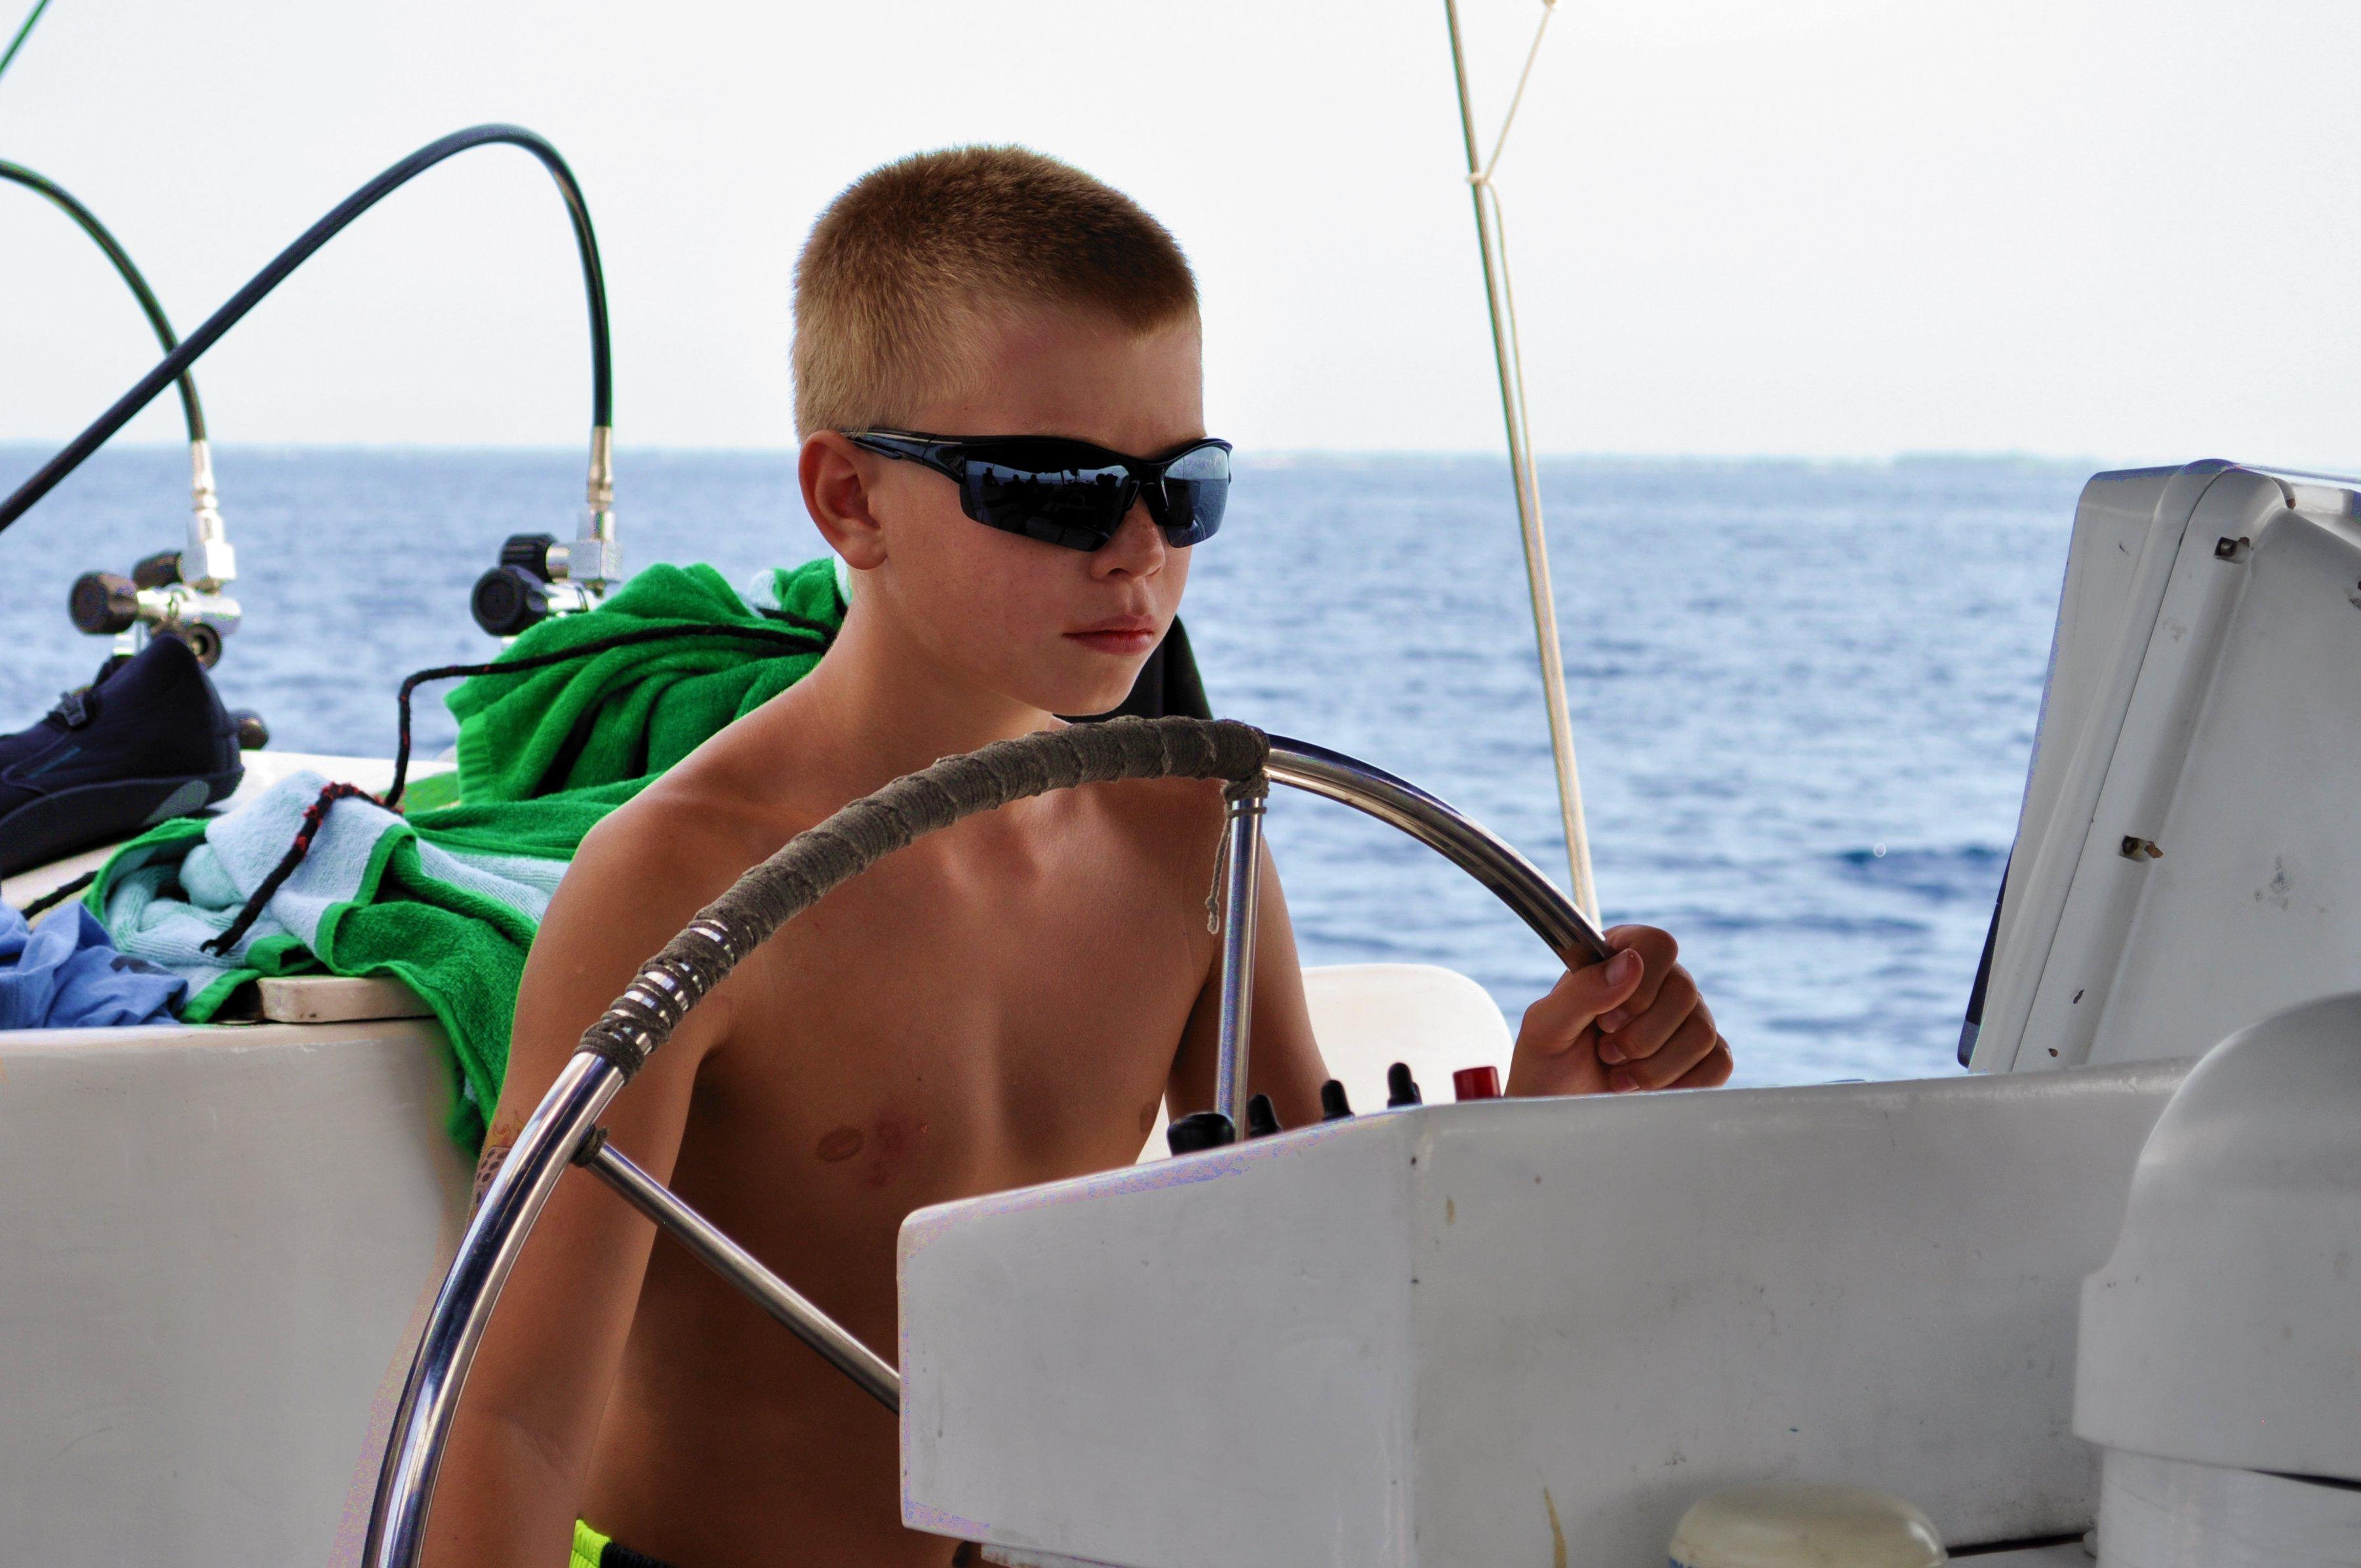 cb8c7cc94f7b124b5d35_sailing_1.jpg